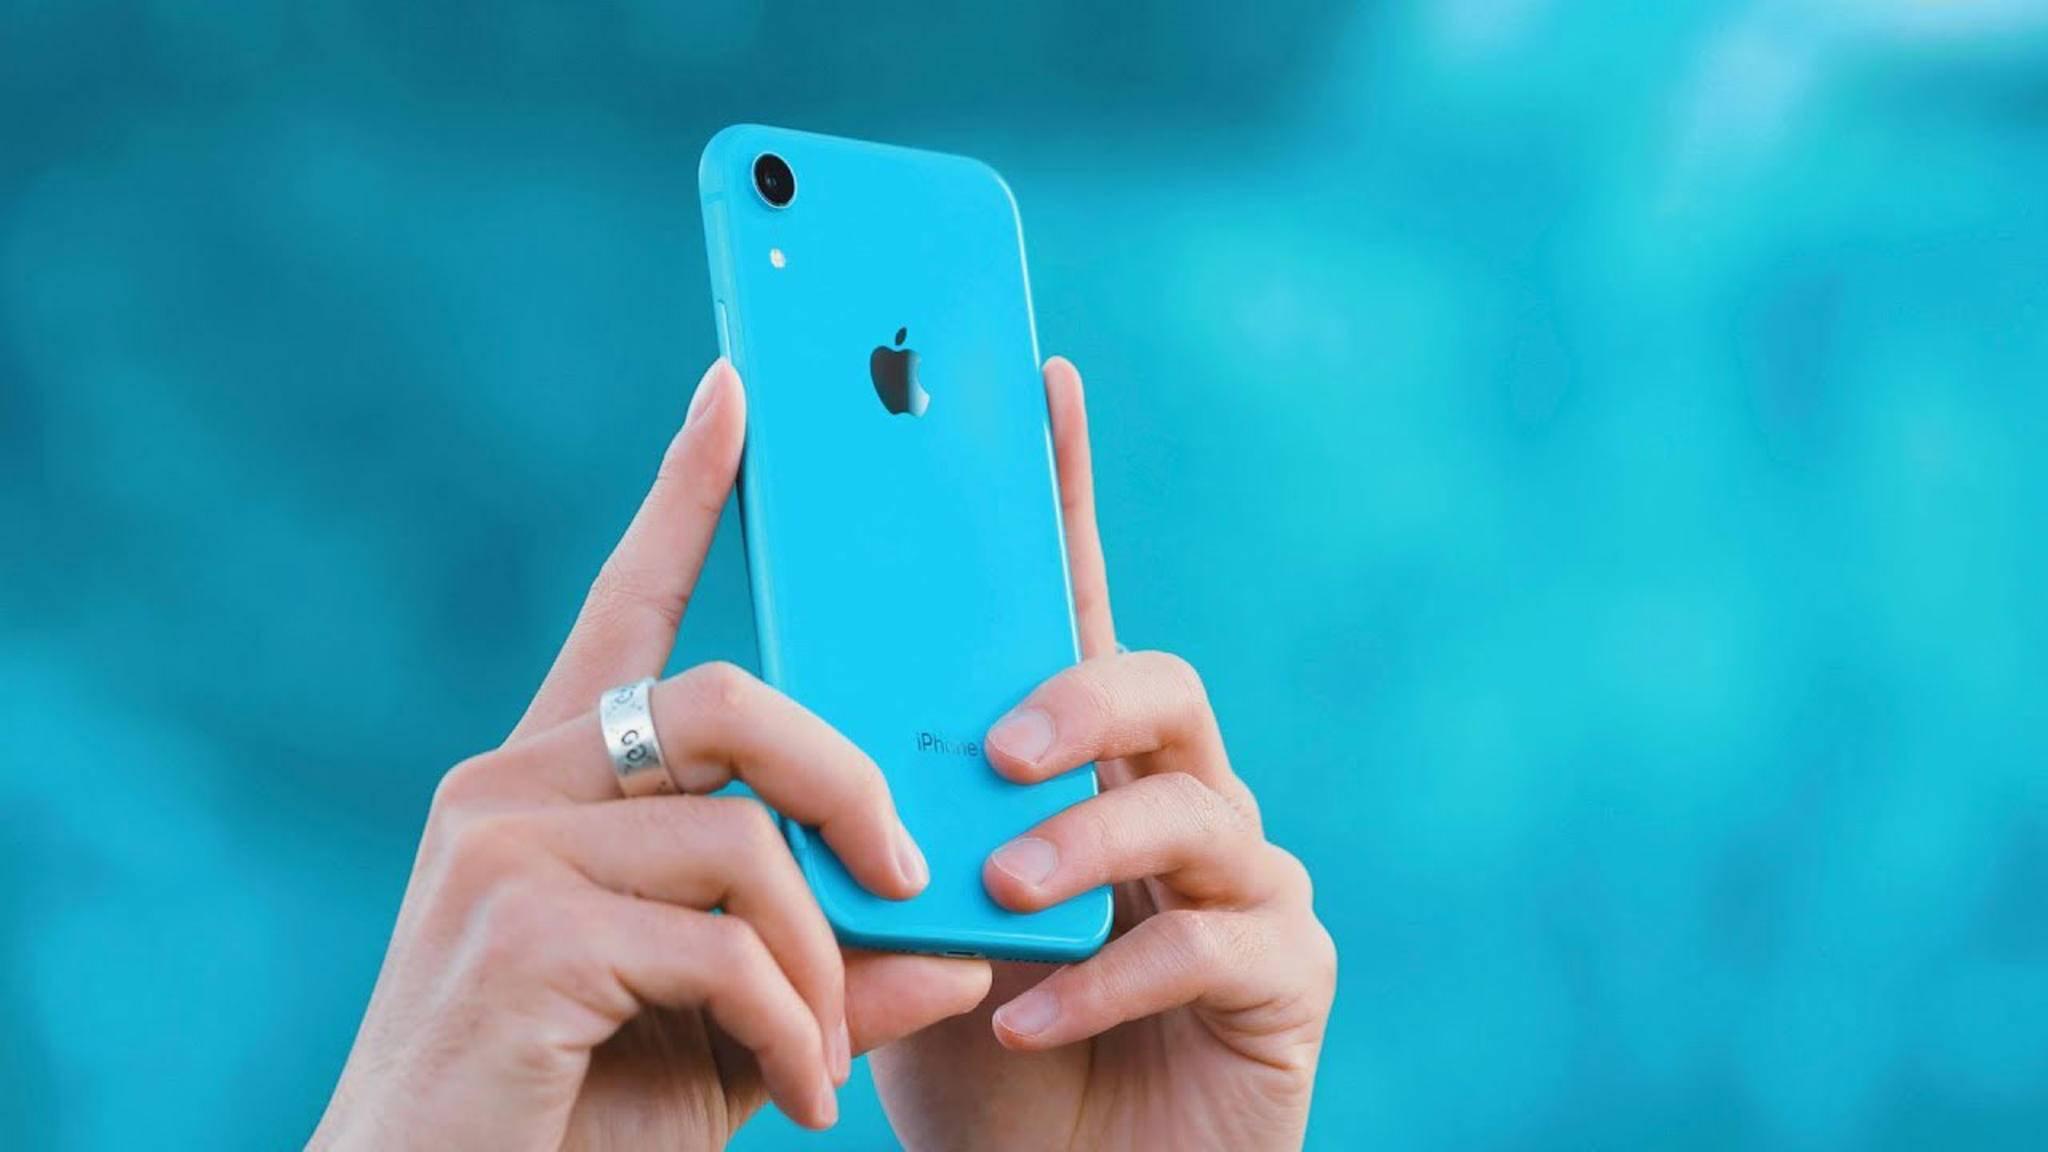 Mit dem iPhone XR landete Apple einen echten Verkaufsschlager.